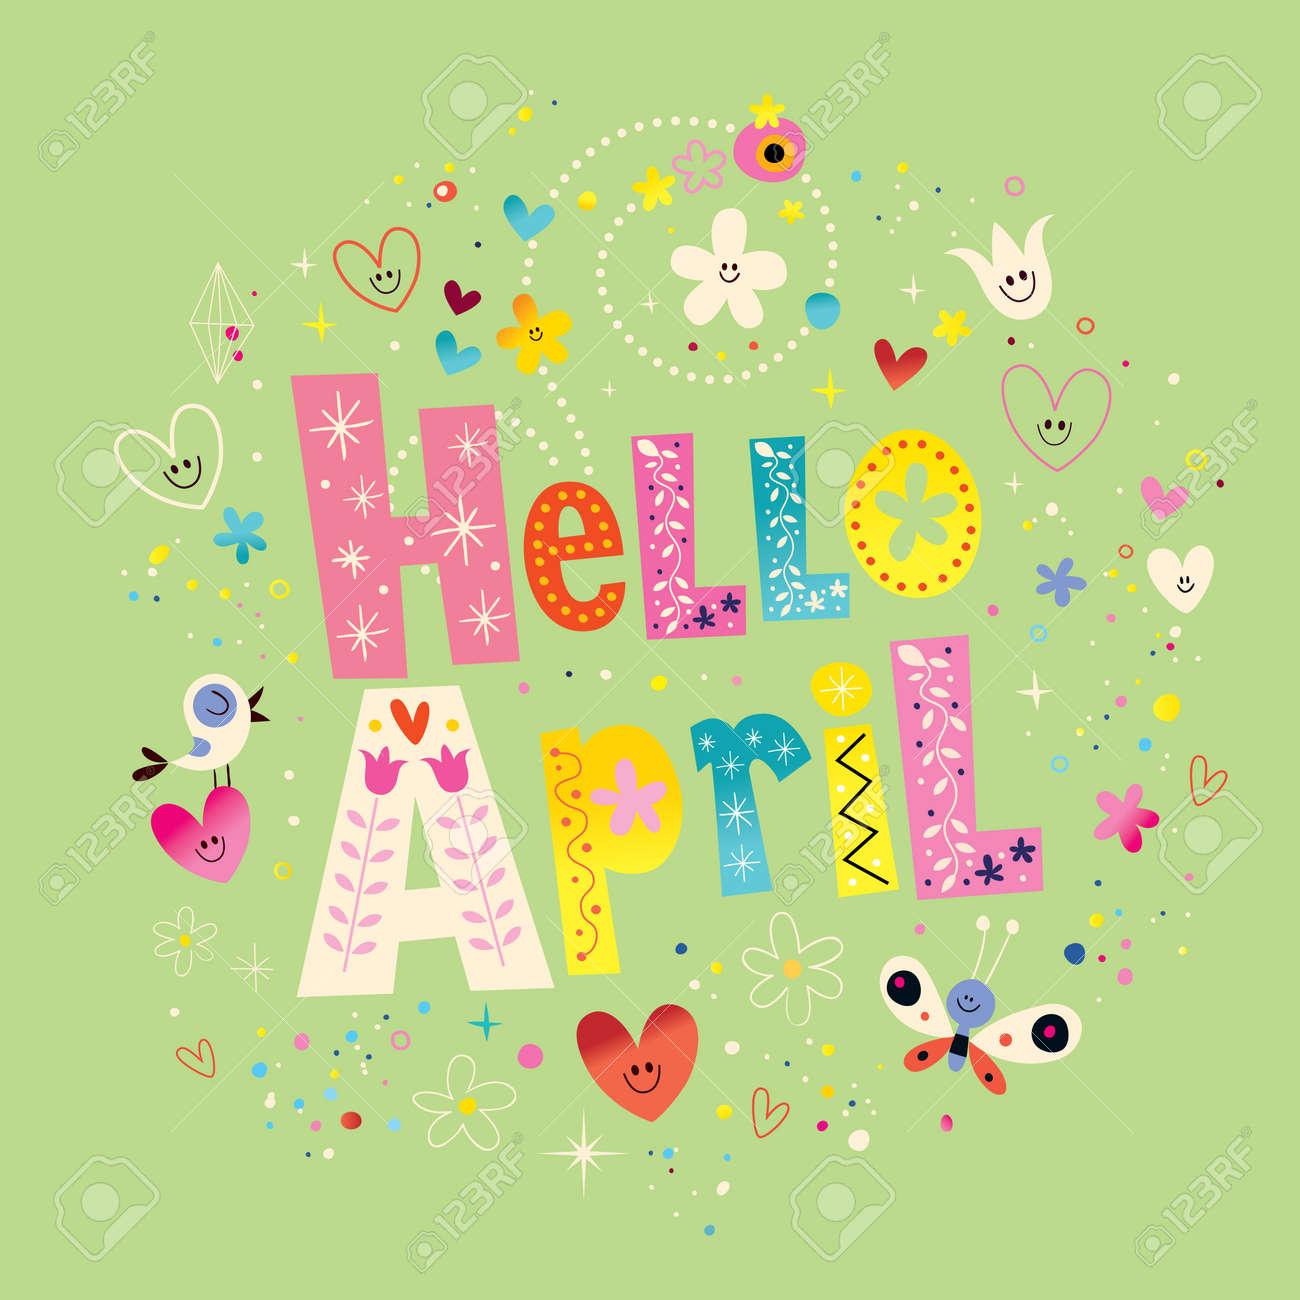 Hello April - 54765795